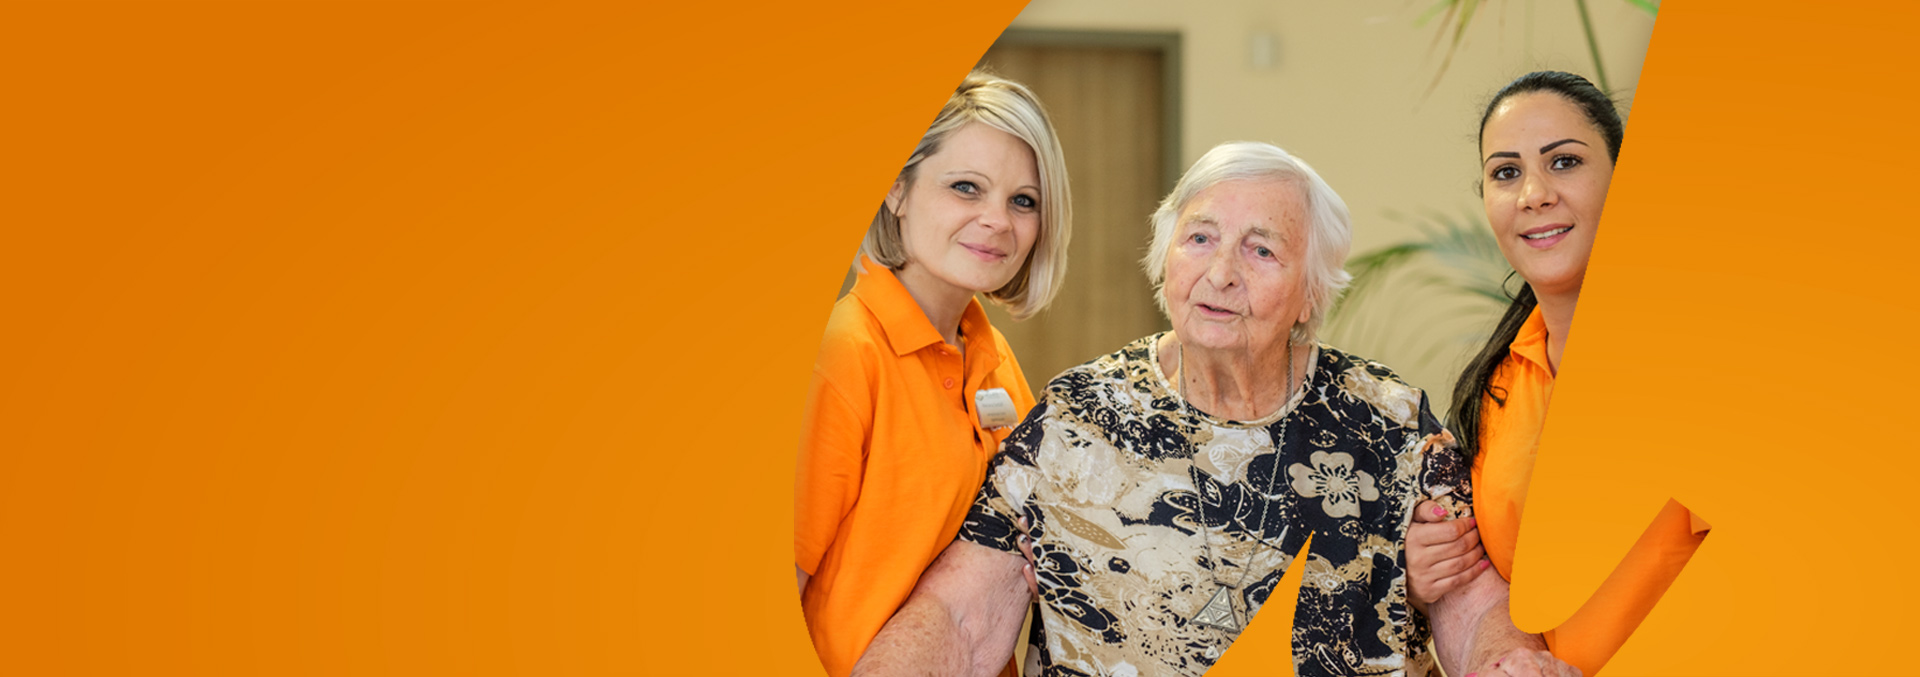 Wohnen in avendi-Einrichtungen: Eine Bewohnerin wird von zwei Pflegerinnen begleitet und gestützt.